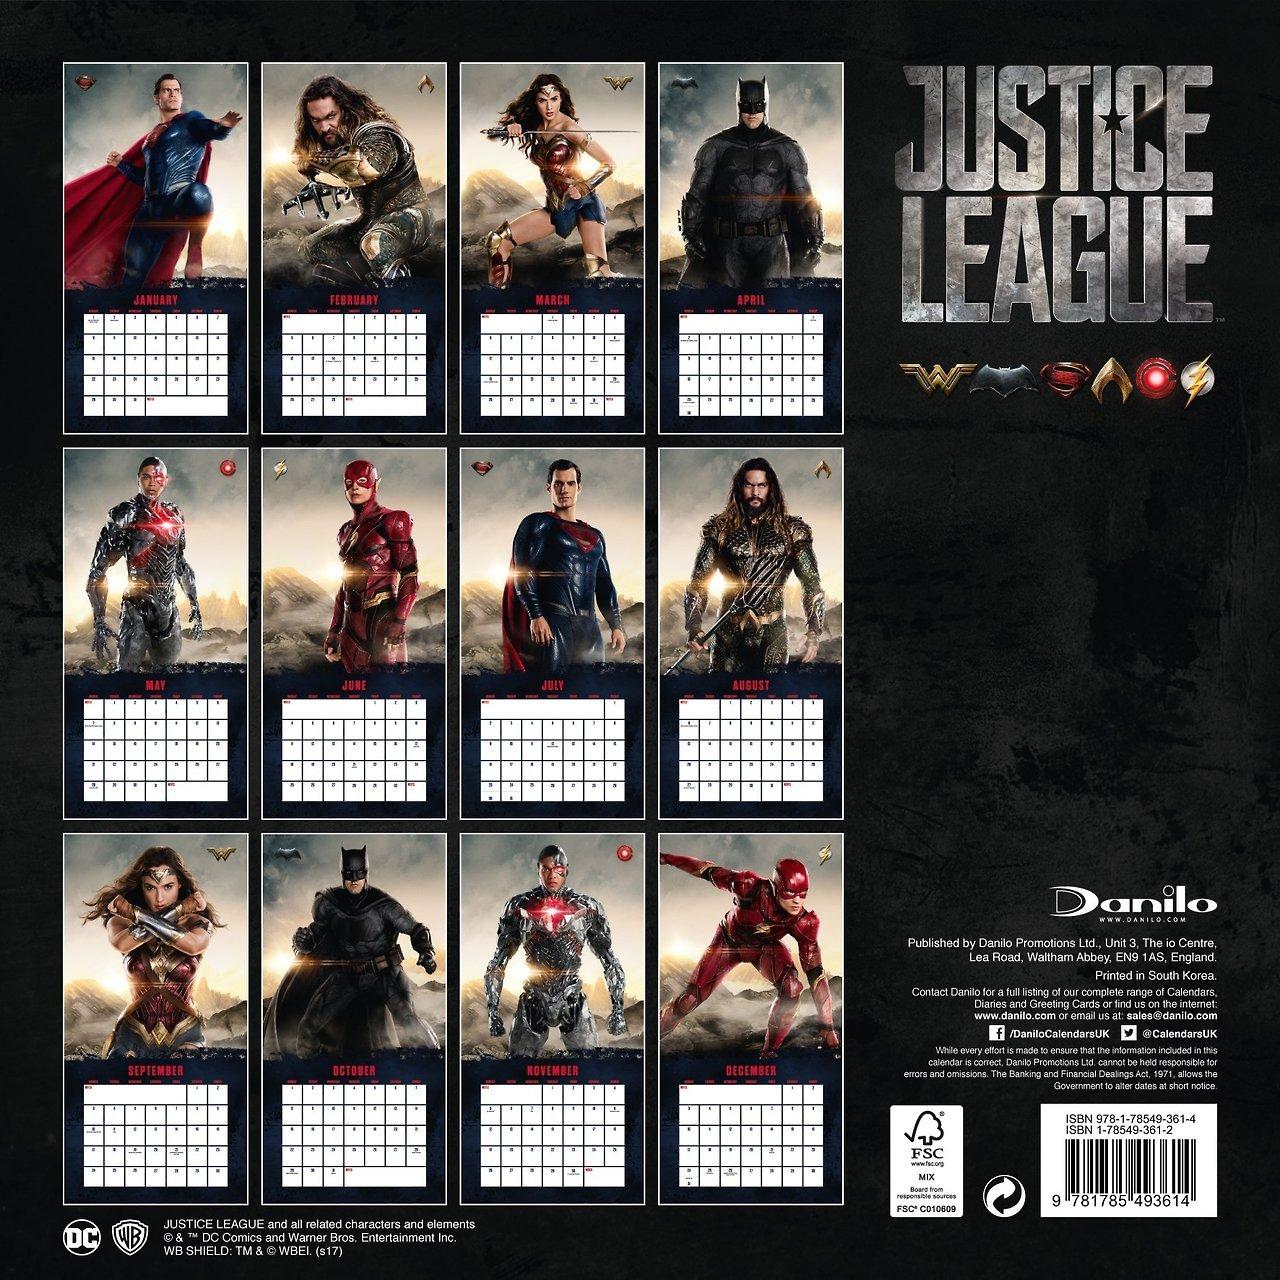 Justice League 2017 Calendar